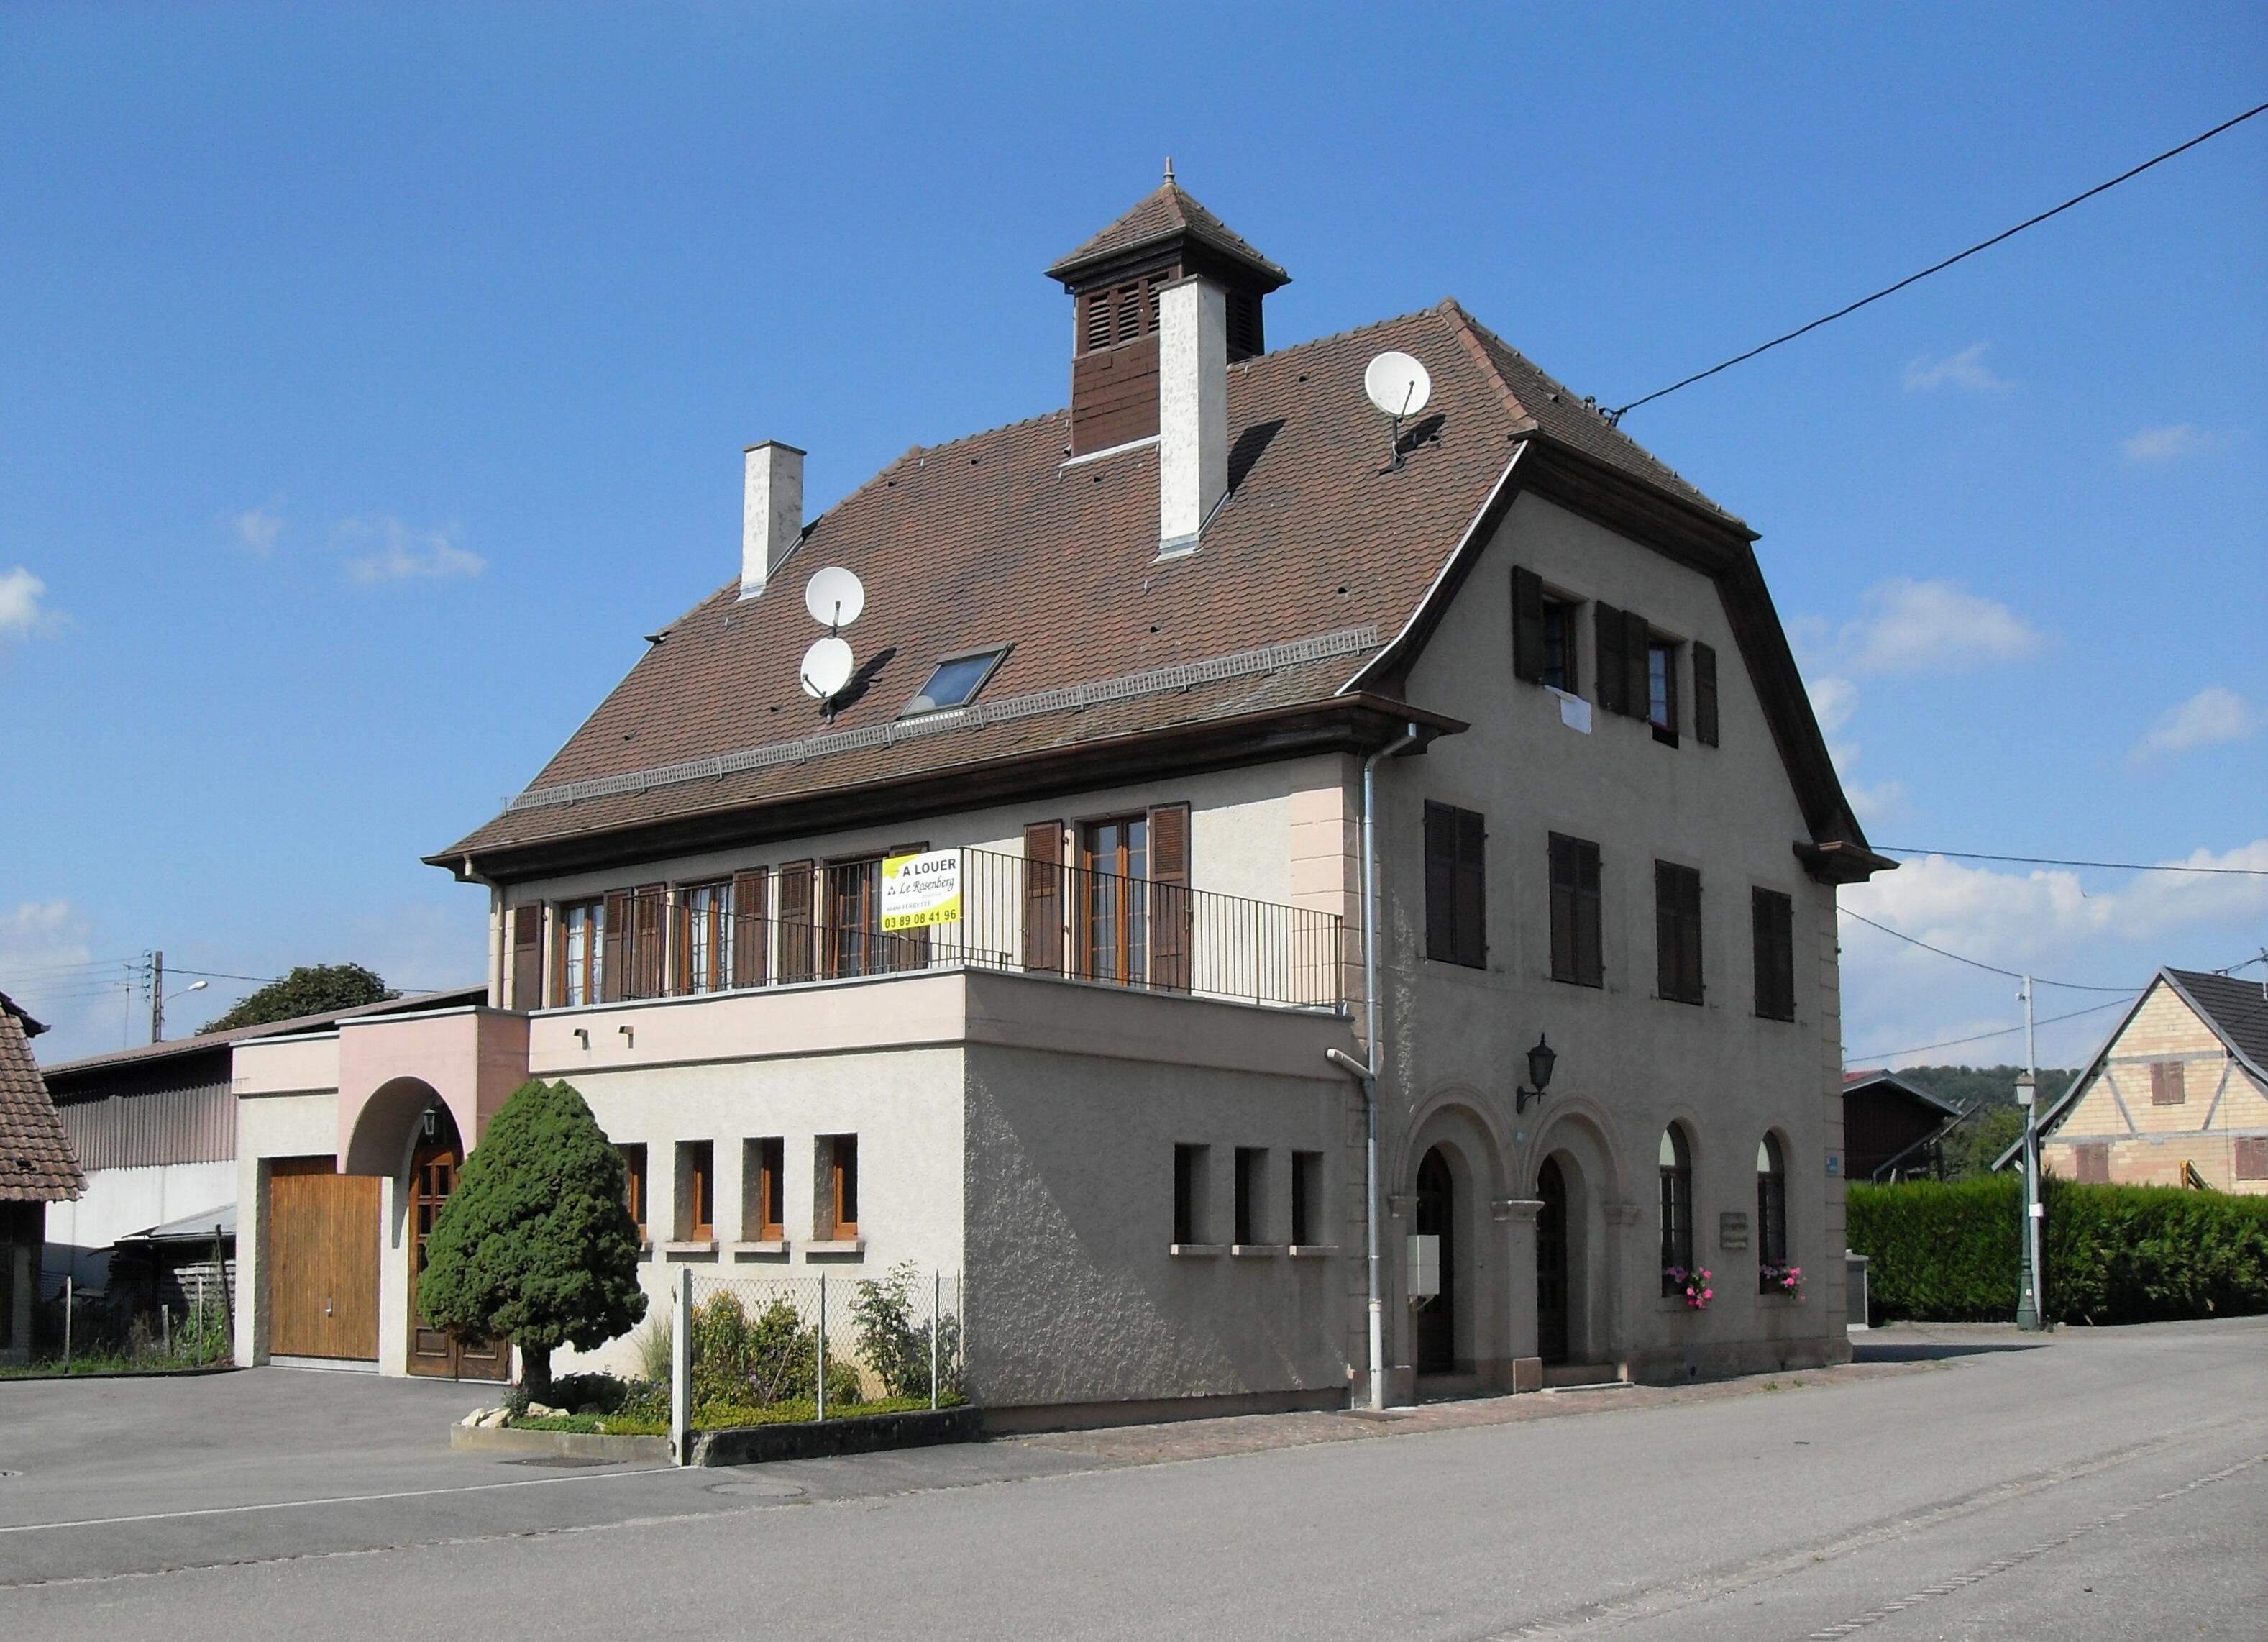 Linsdorf